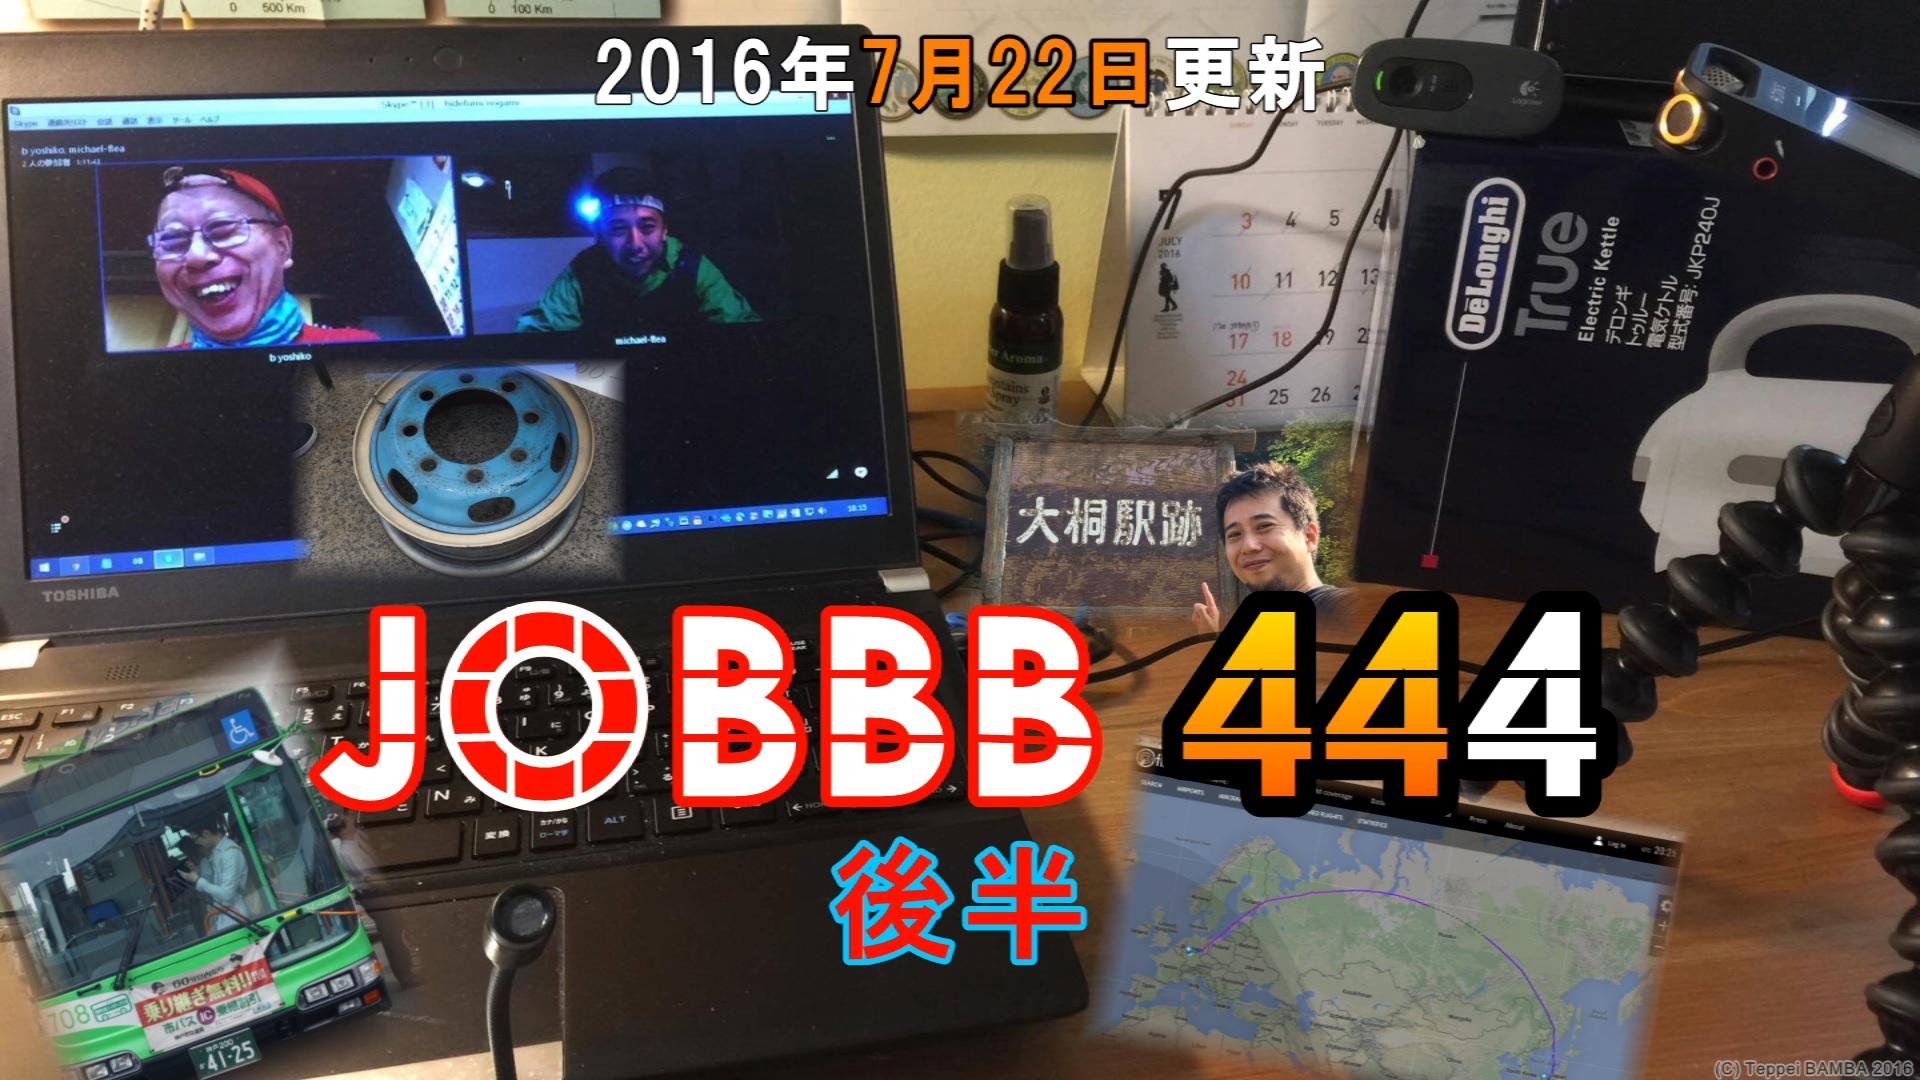 JOBBB444 後半